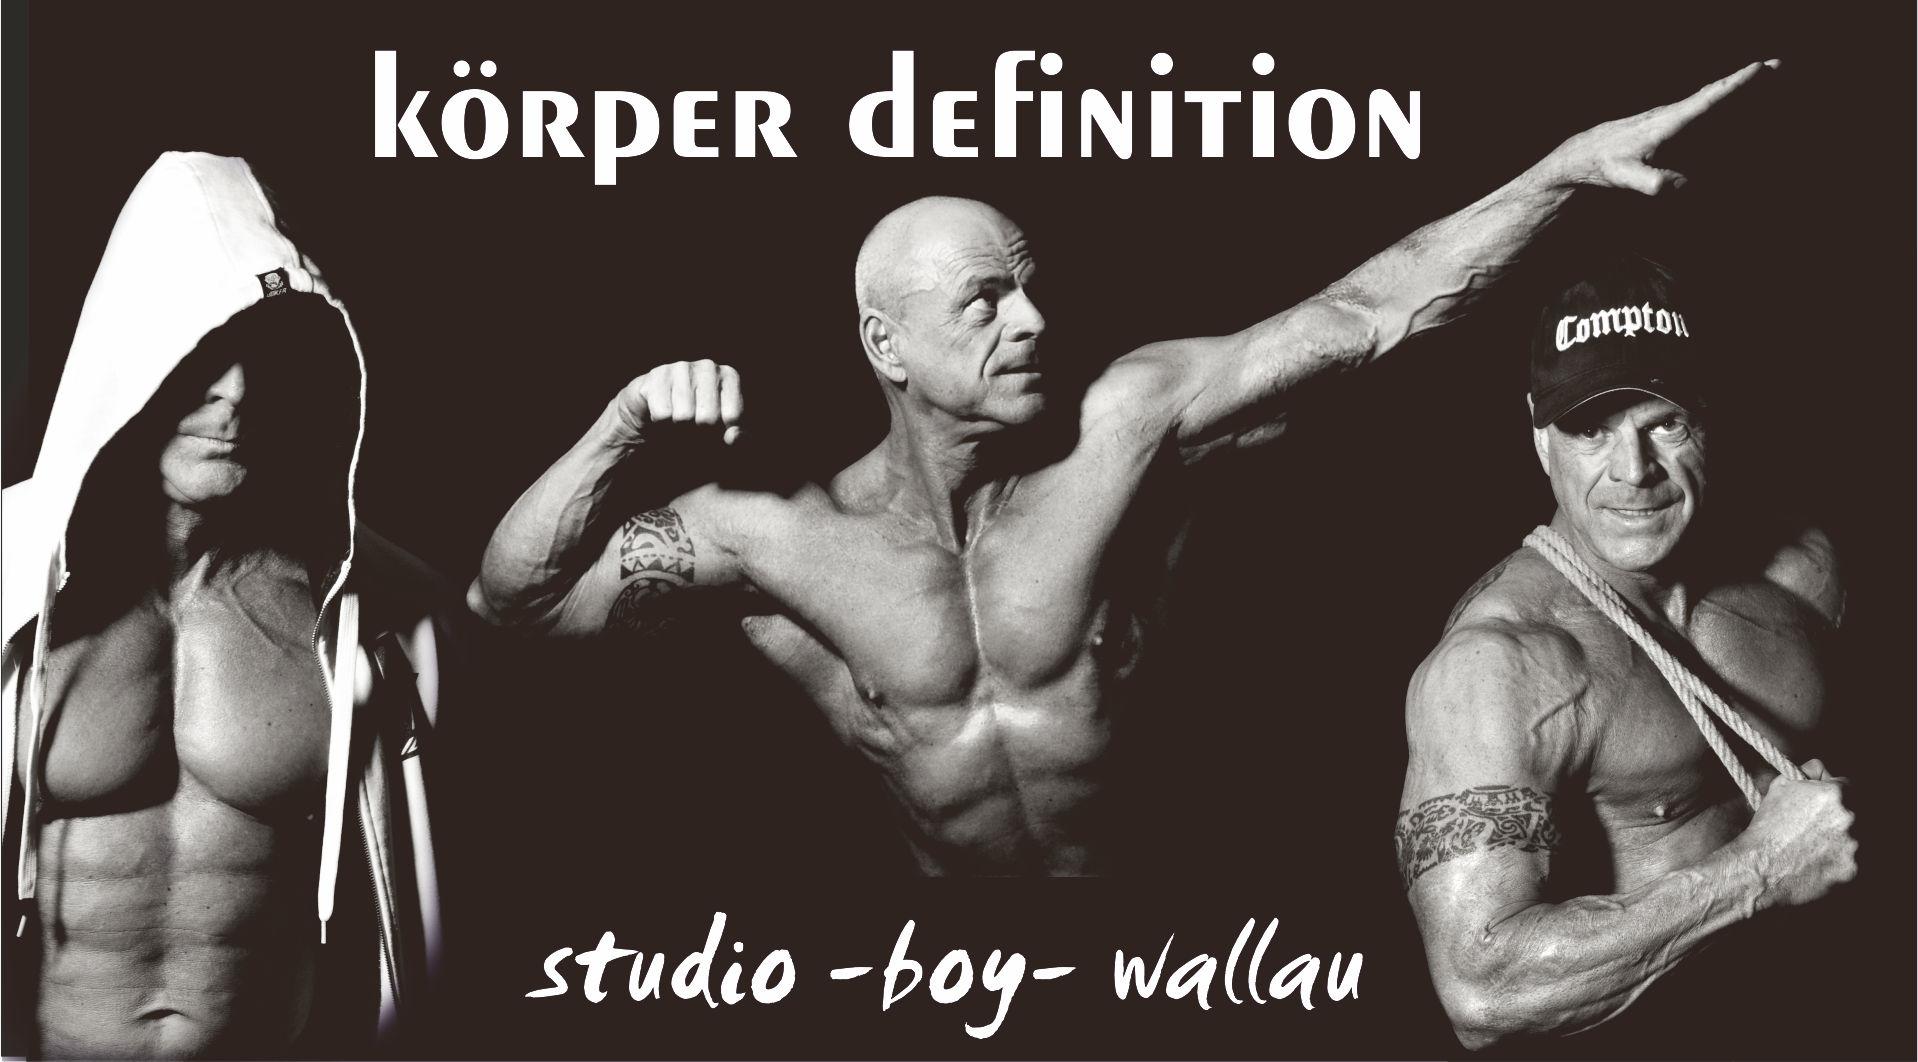 Körper definition